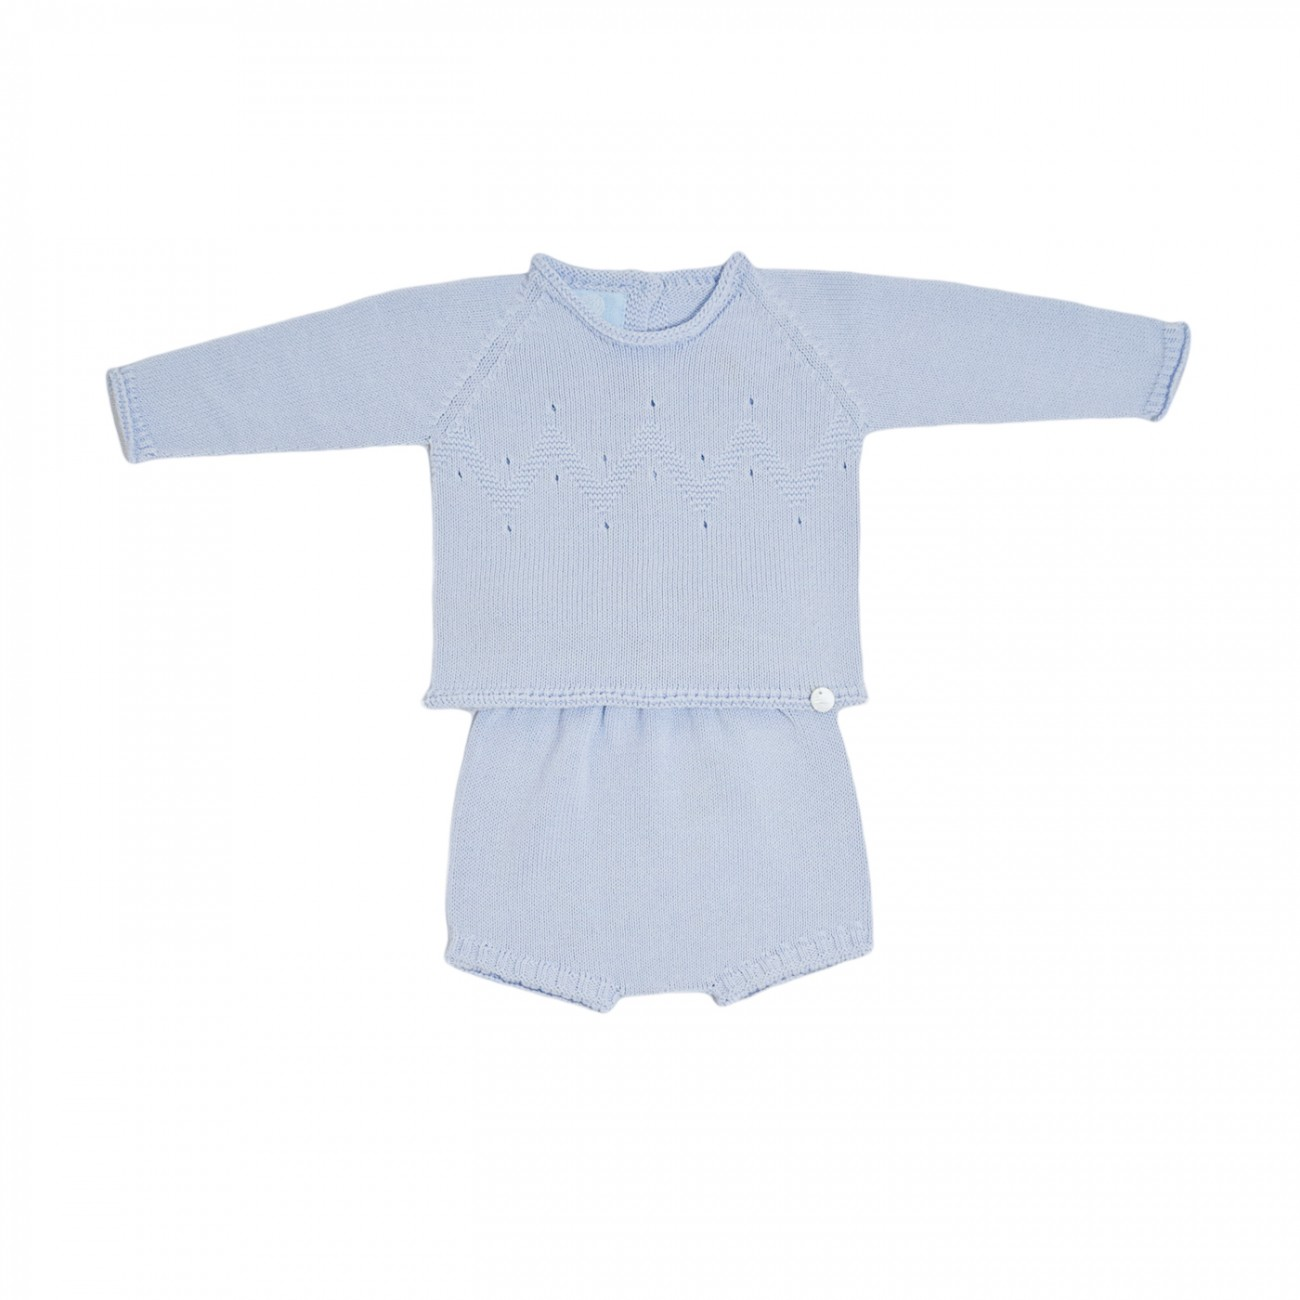 Jersey Aliso y braguita de algodón azul celeste